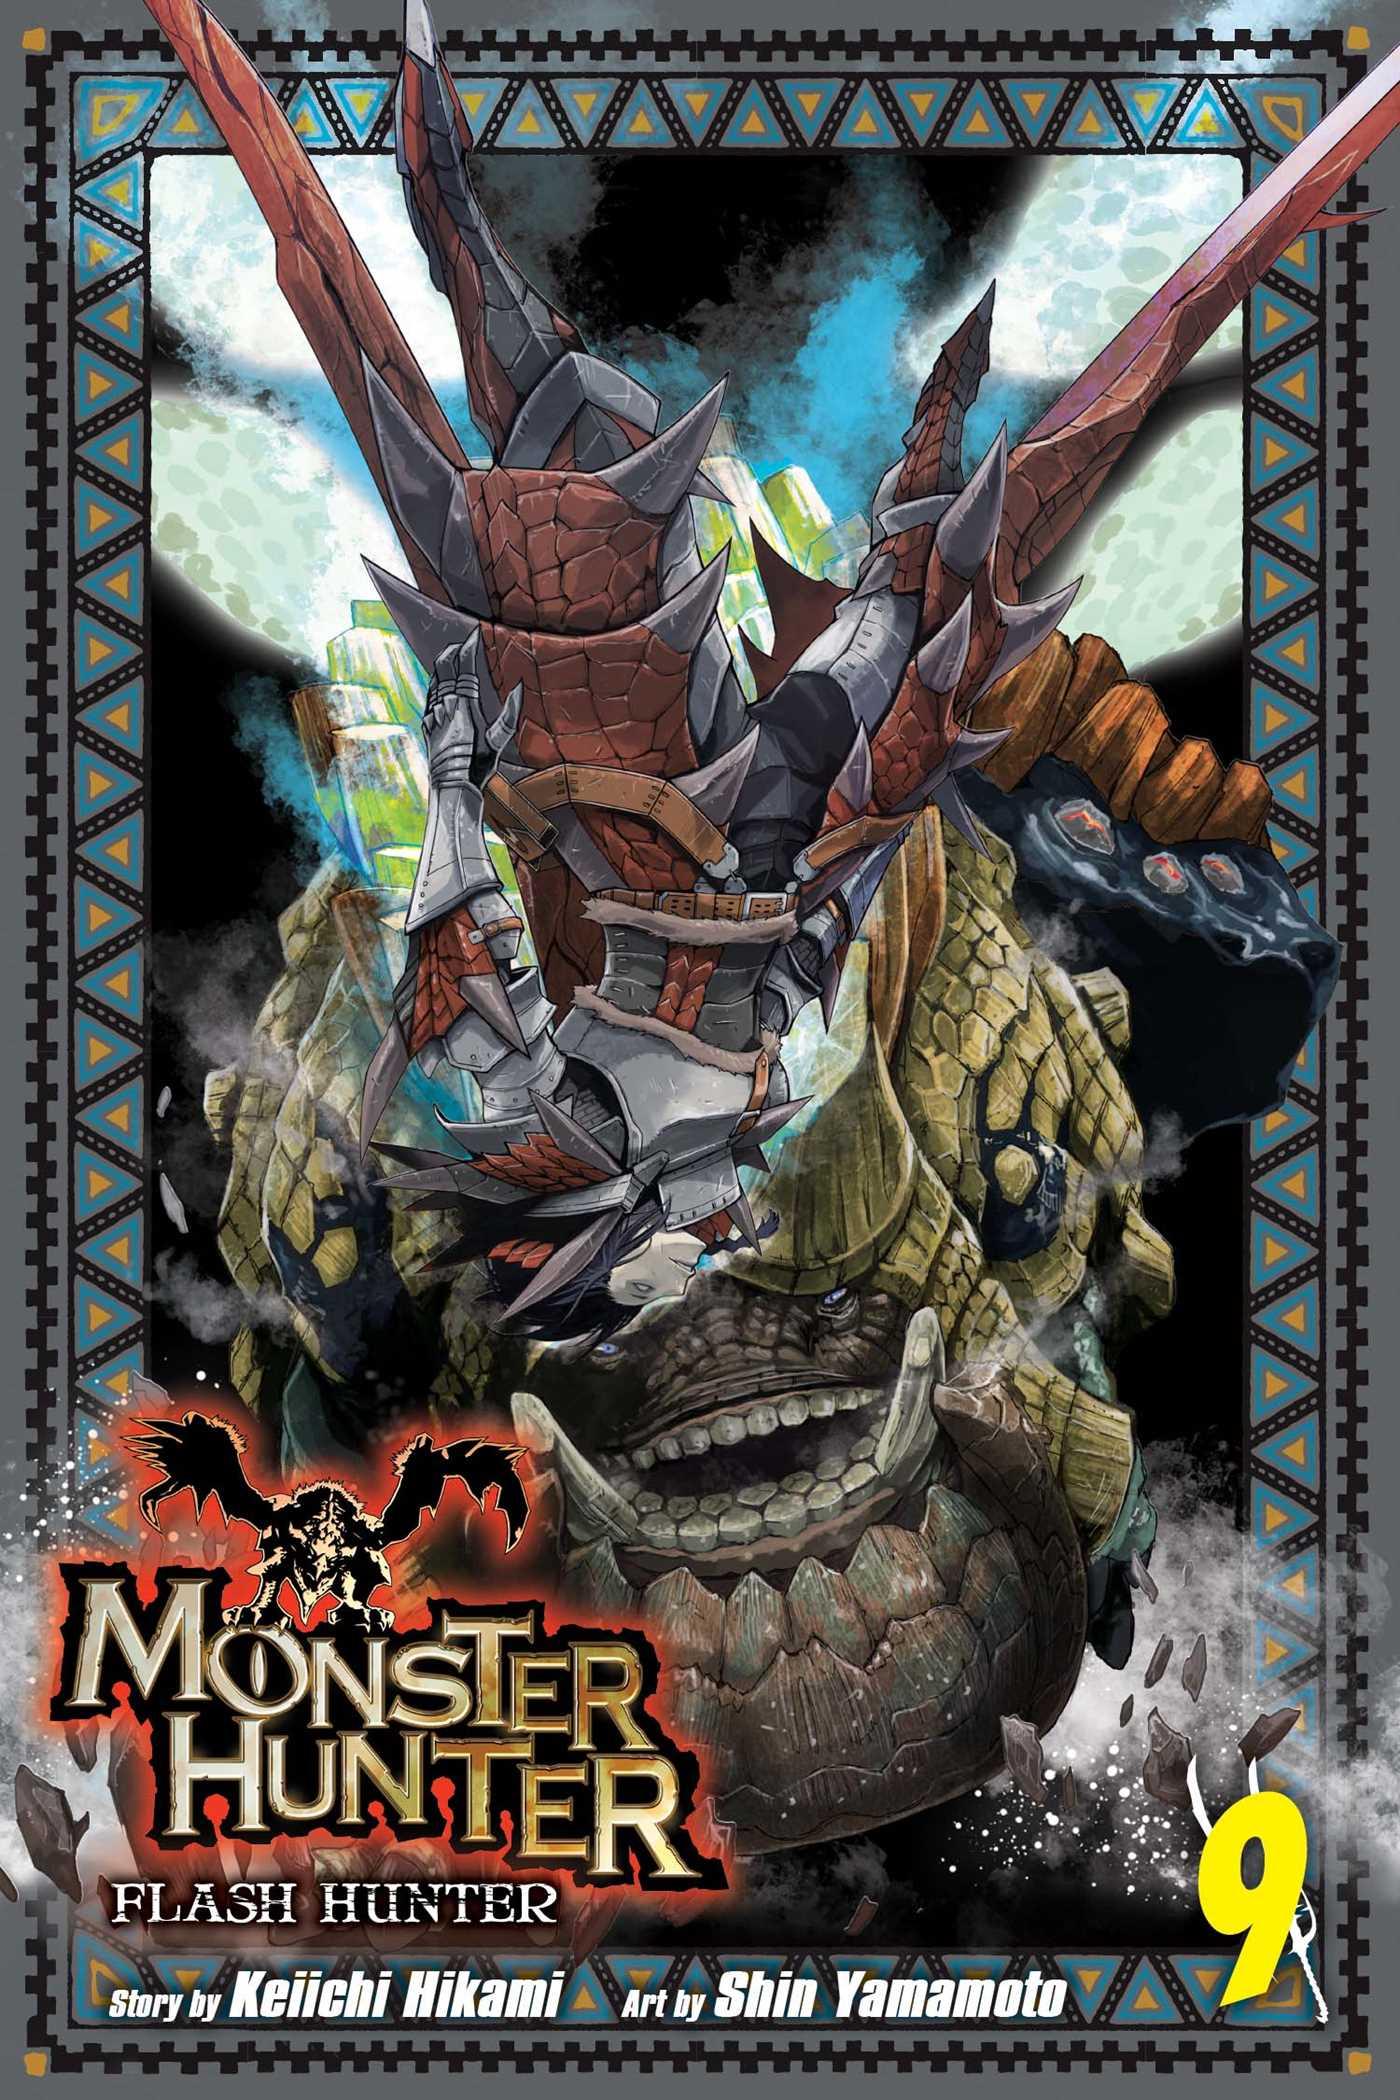 Monster hunter flash hunter vol 9 9781421584348 hr